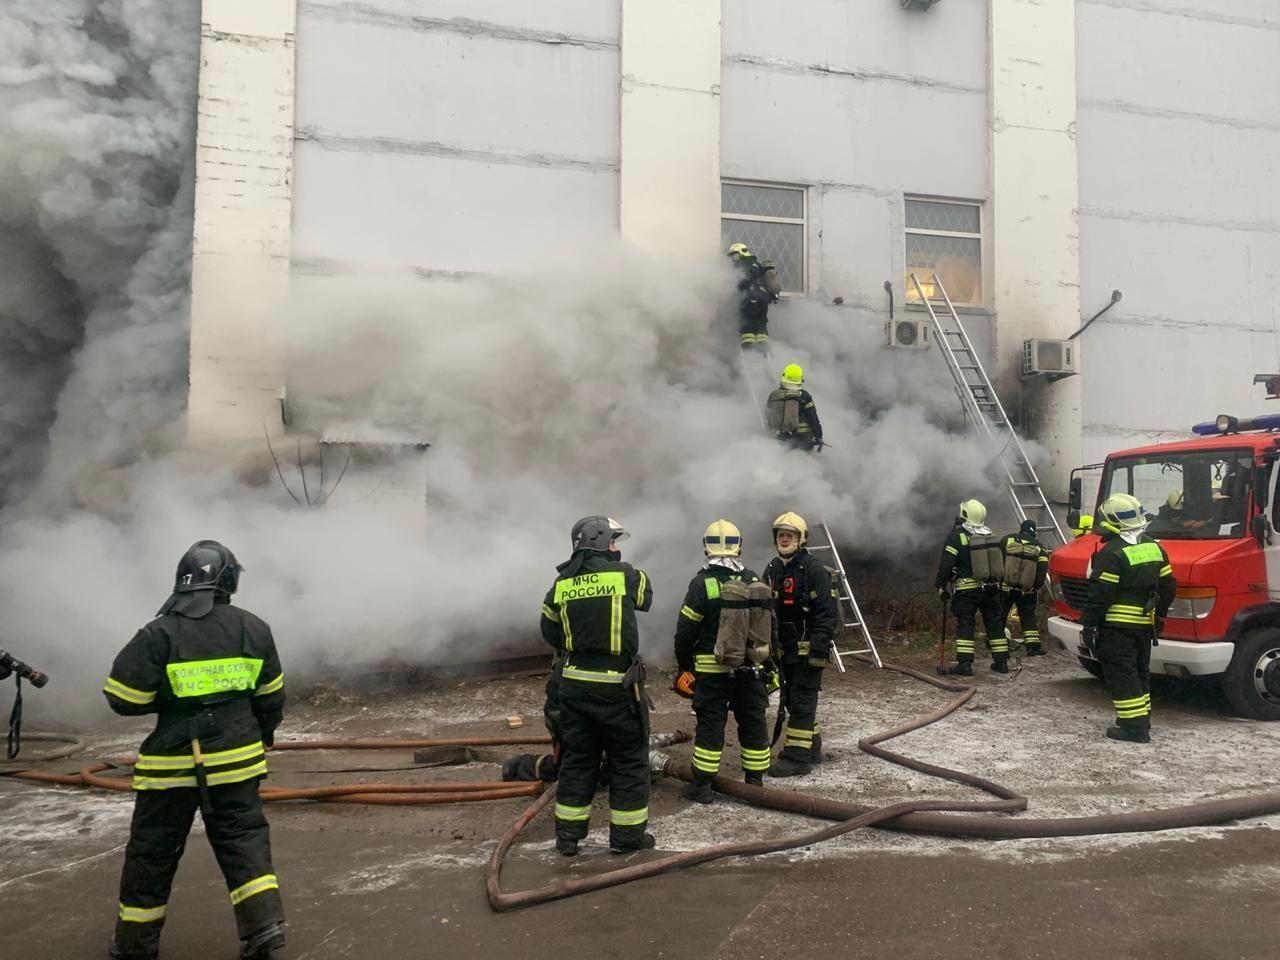 На Варшавском шоссе ликвидировали пожар на складе